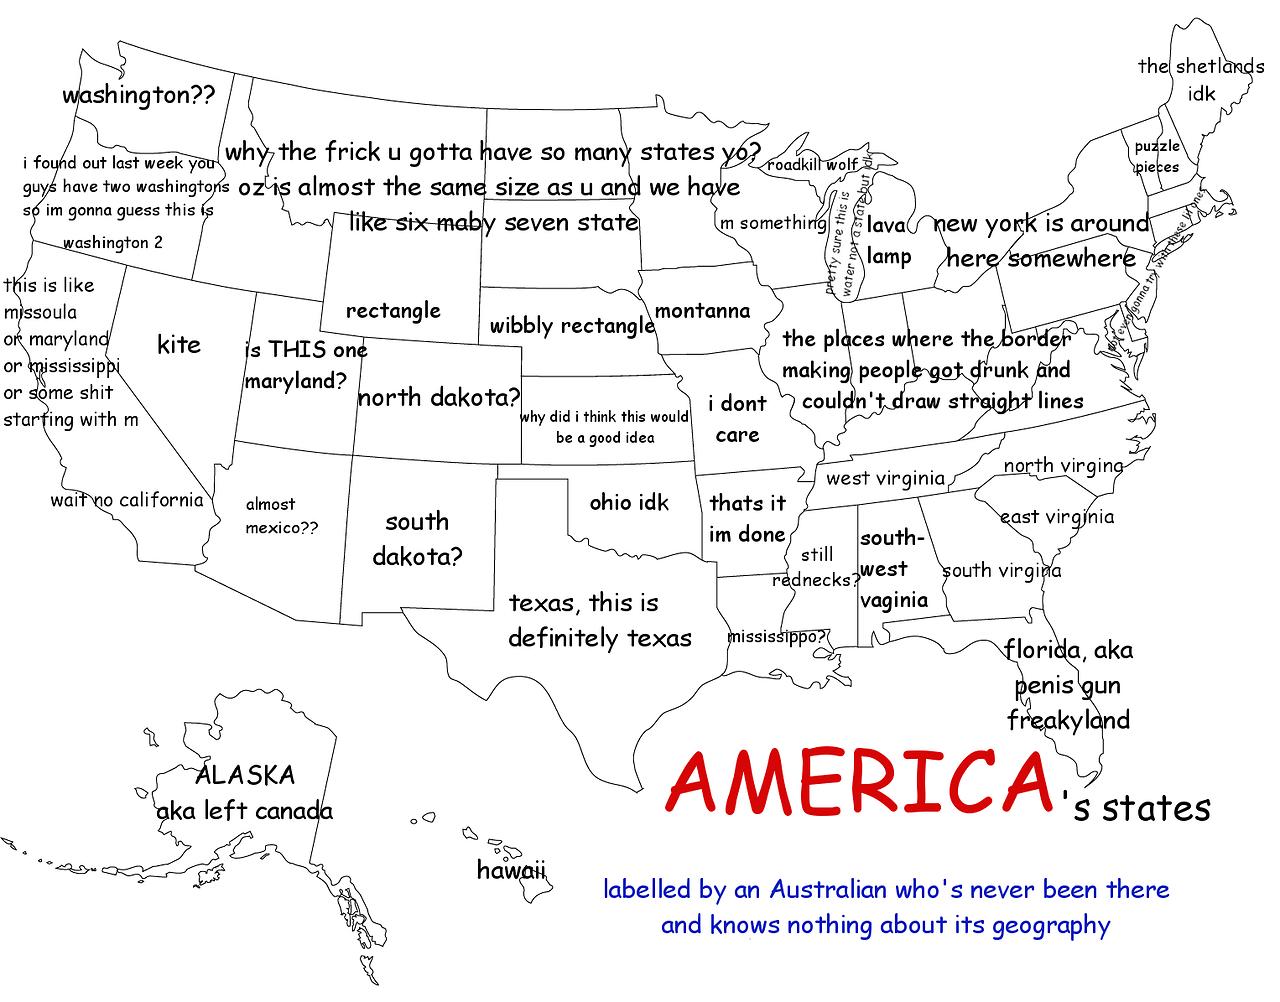 27 Hilariously Bad Maps That Explain Nothing